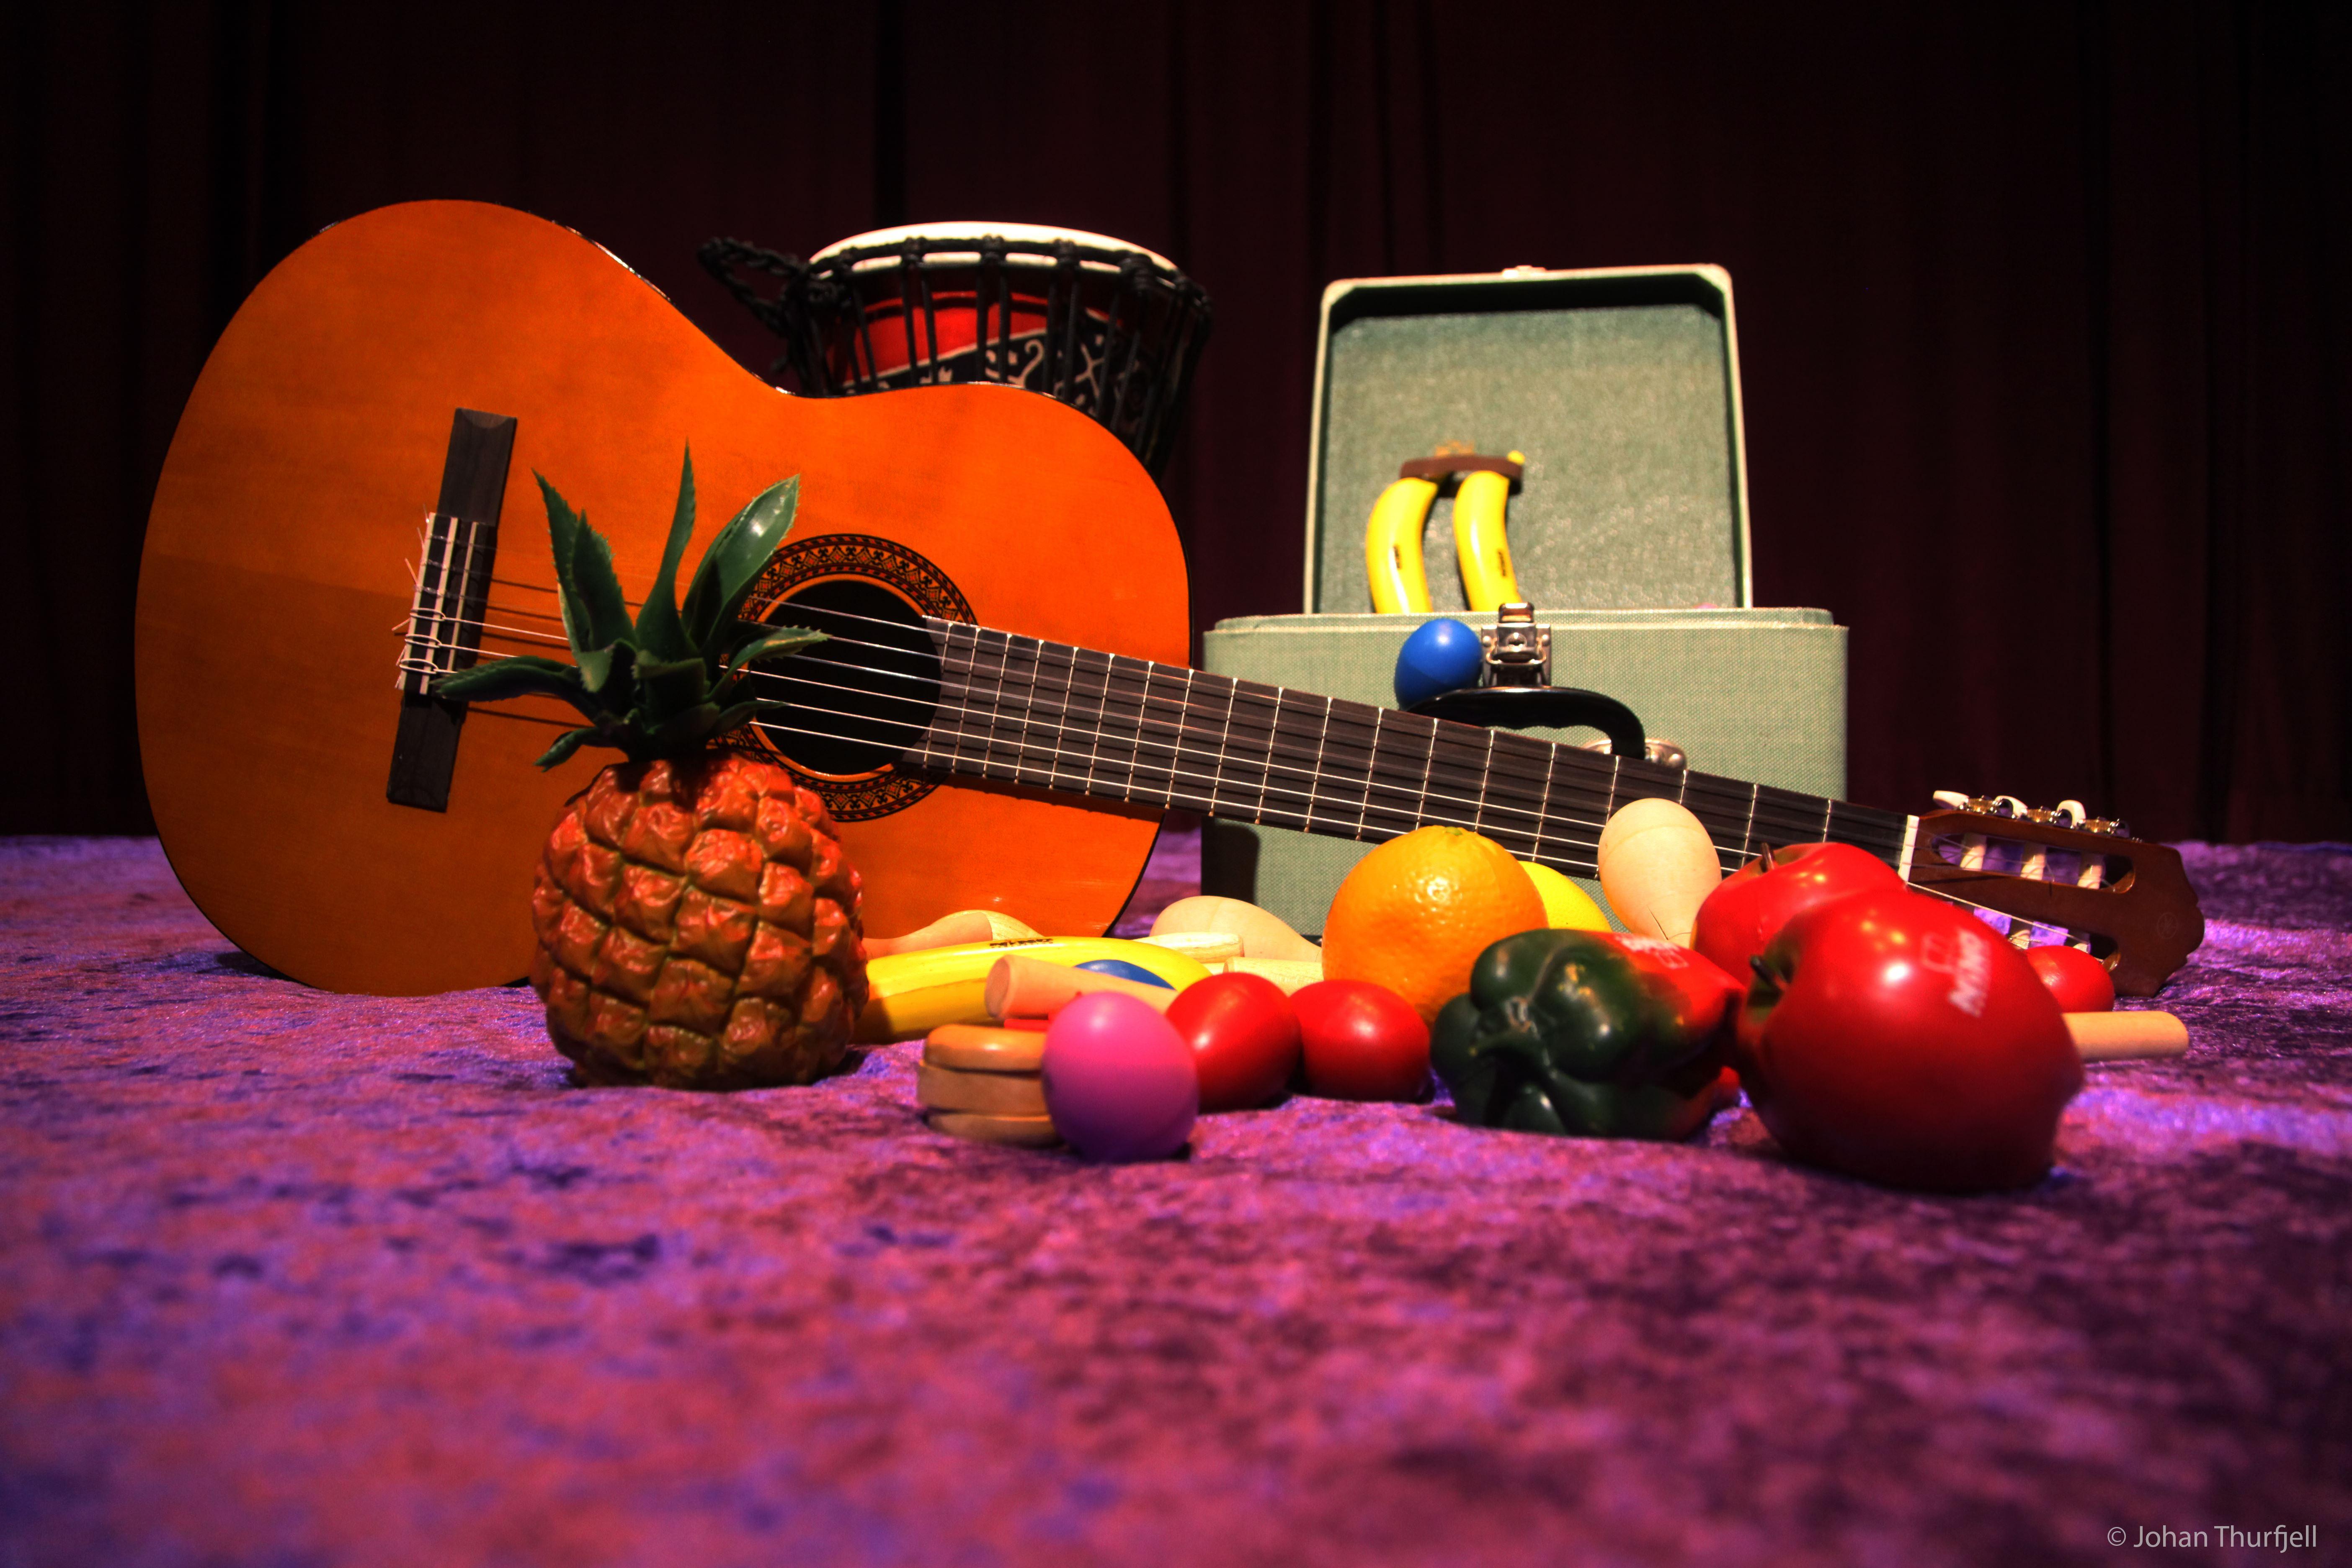 Johan Thurfjell,  © Johan Thurfjell, Gitarr och plastfrukter